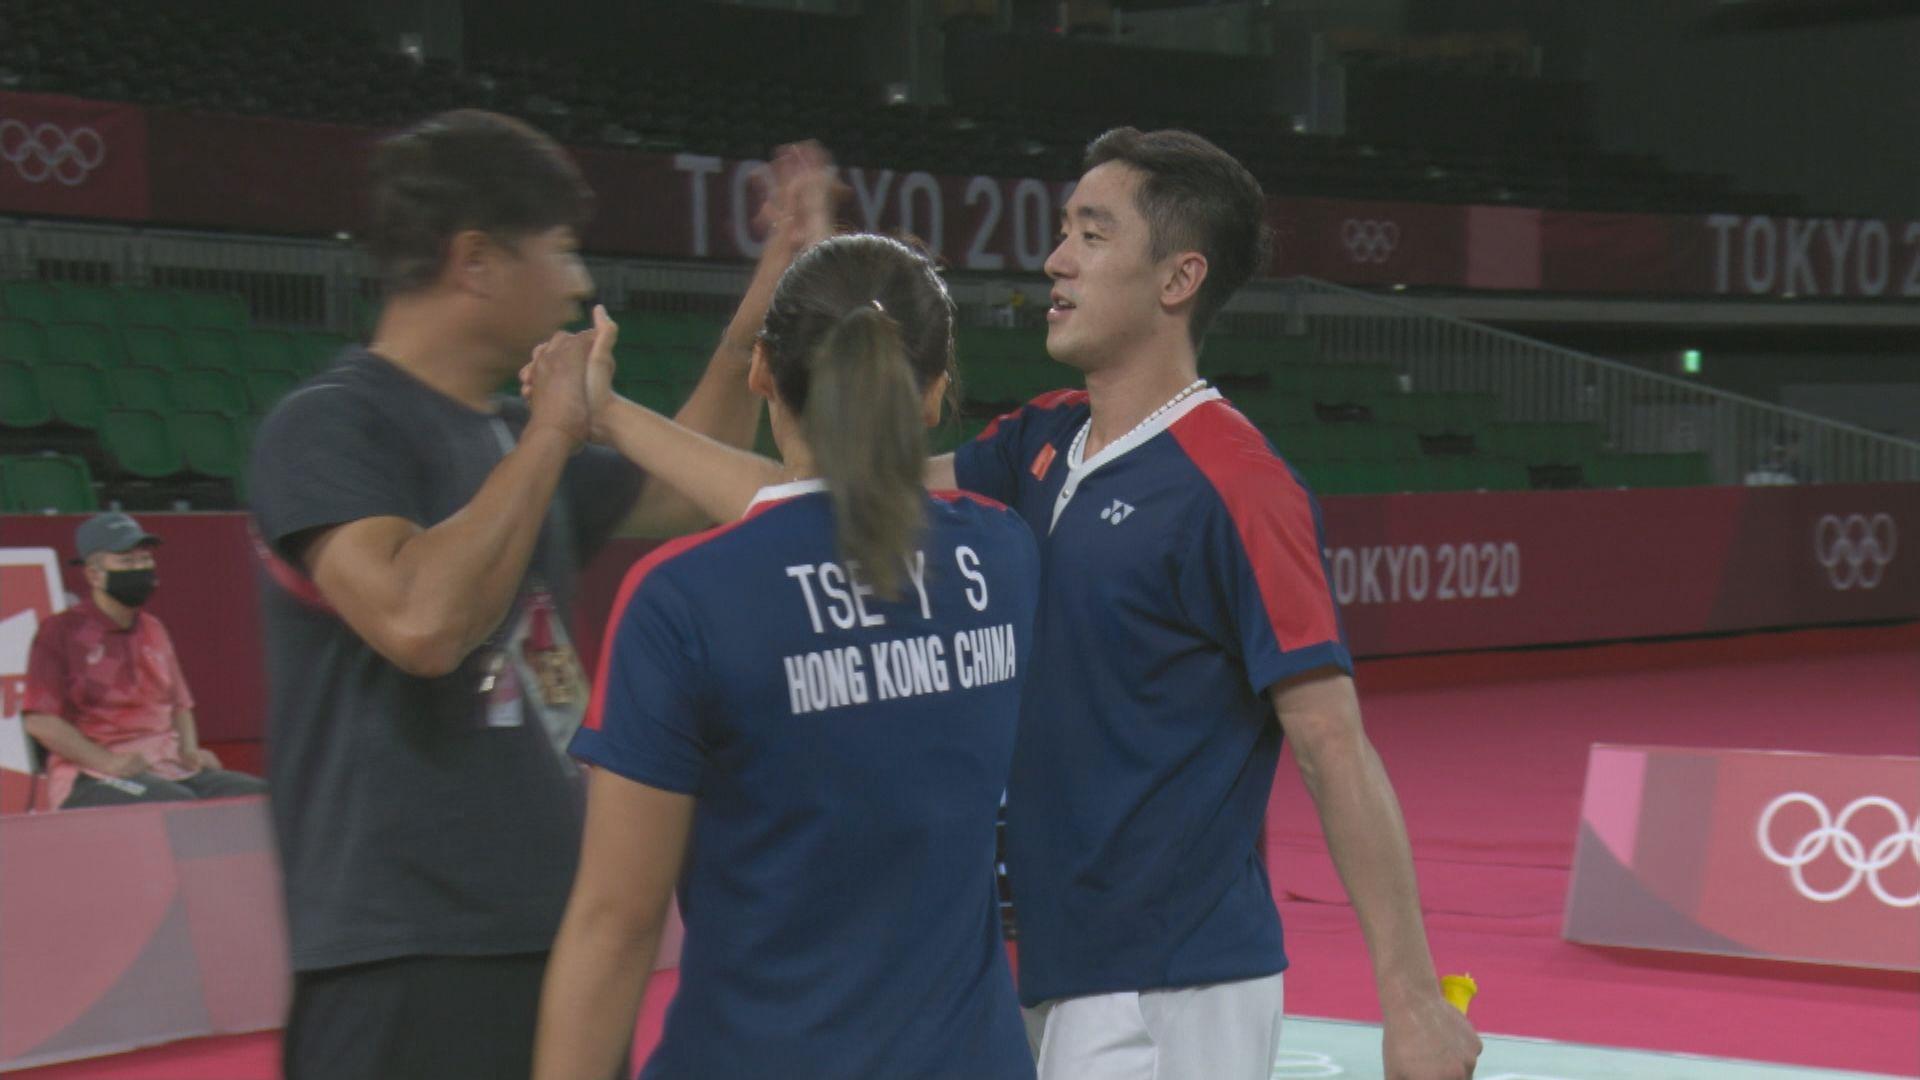 羽毛球混雙「鄧謝配」不敵日本組合 二人感謝對方支持